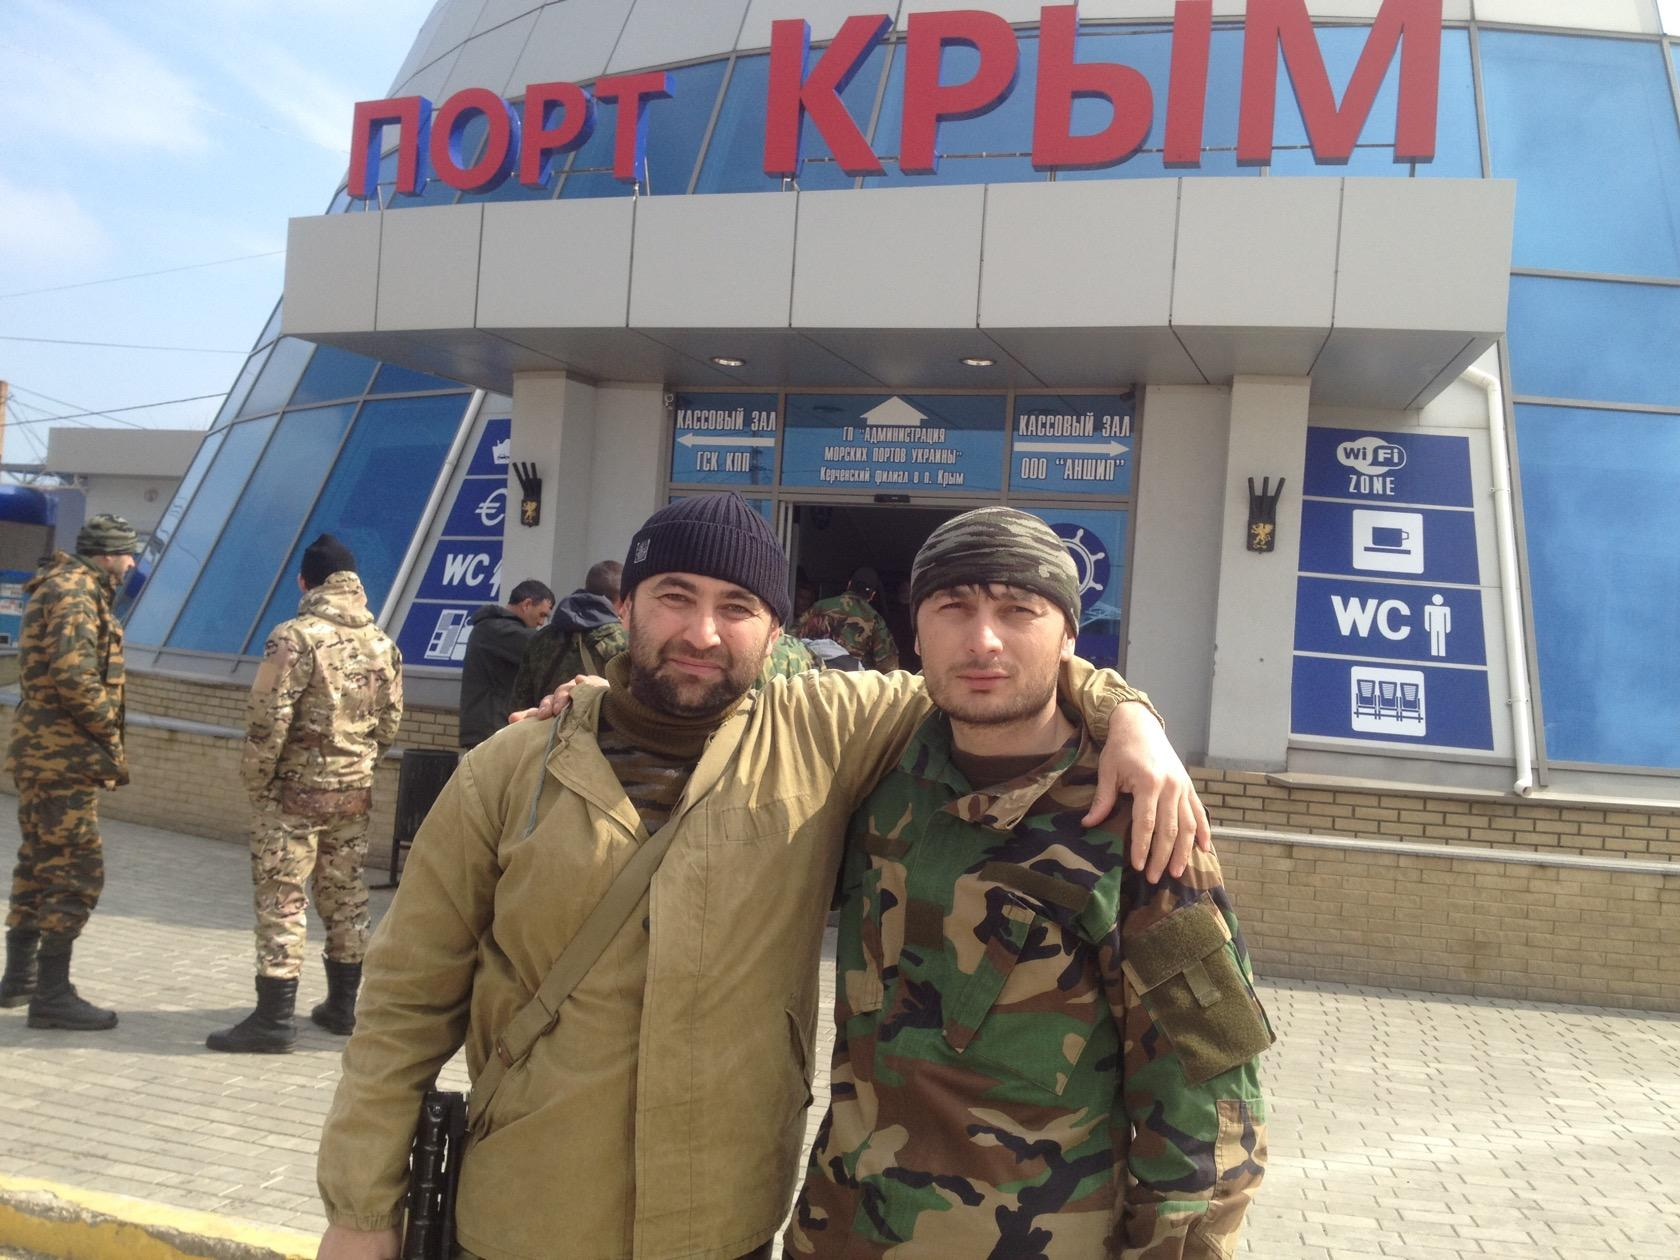 En förare av en rysk specialenhet, Ilyas Hazirovitj Midaev, på Krim